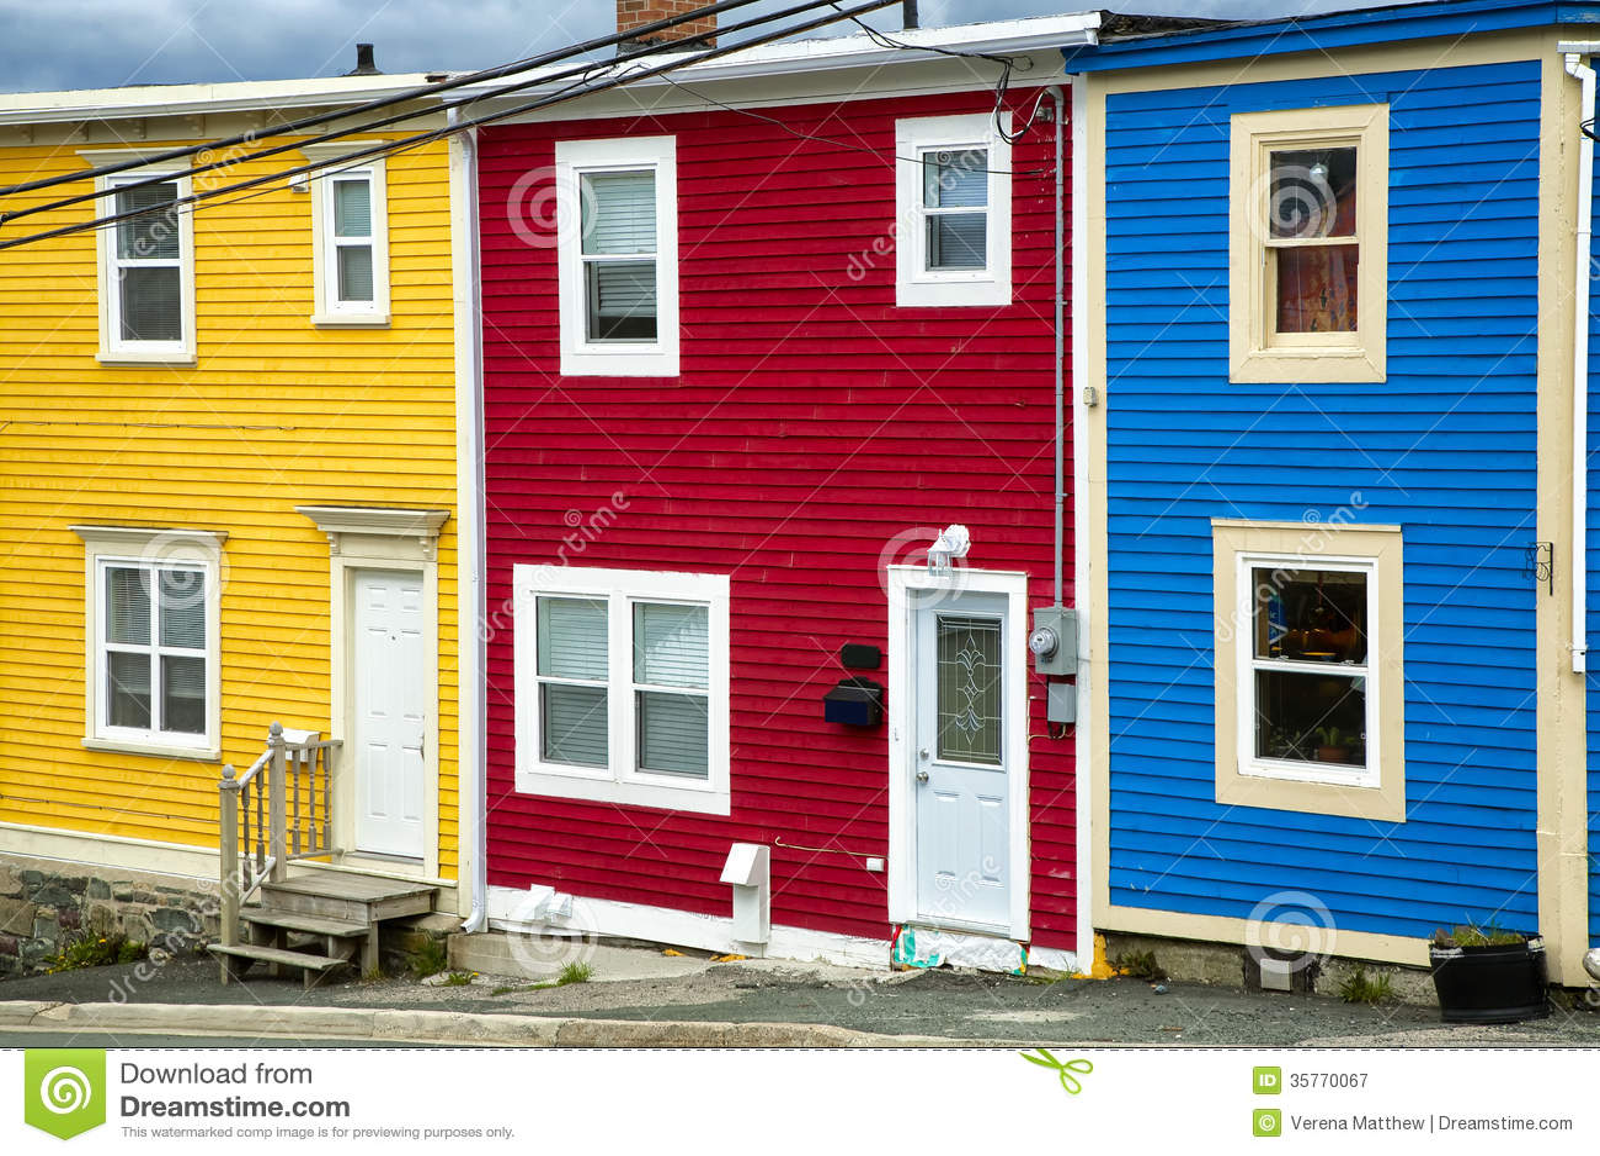 Newfoundland Houses Royalty Free Stock Photography Image